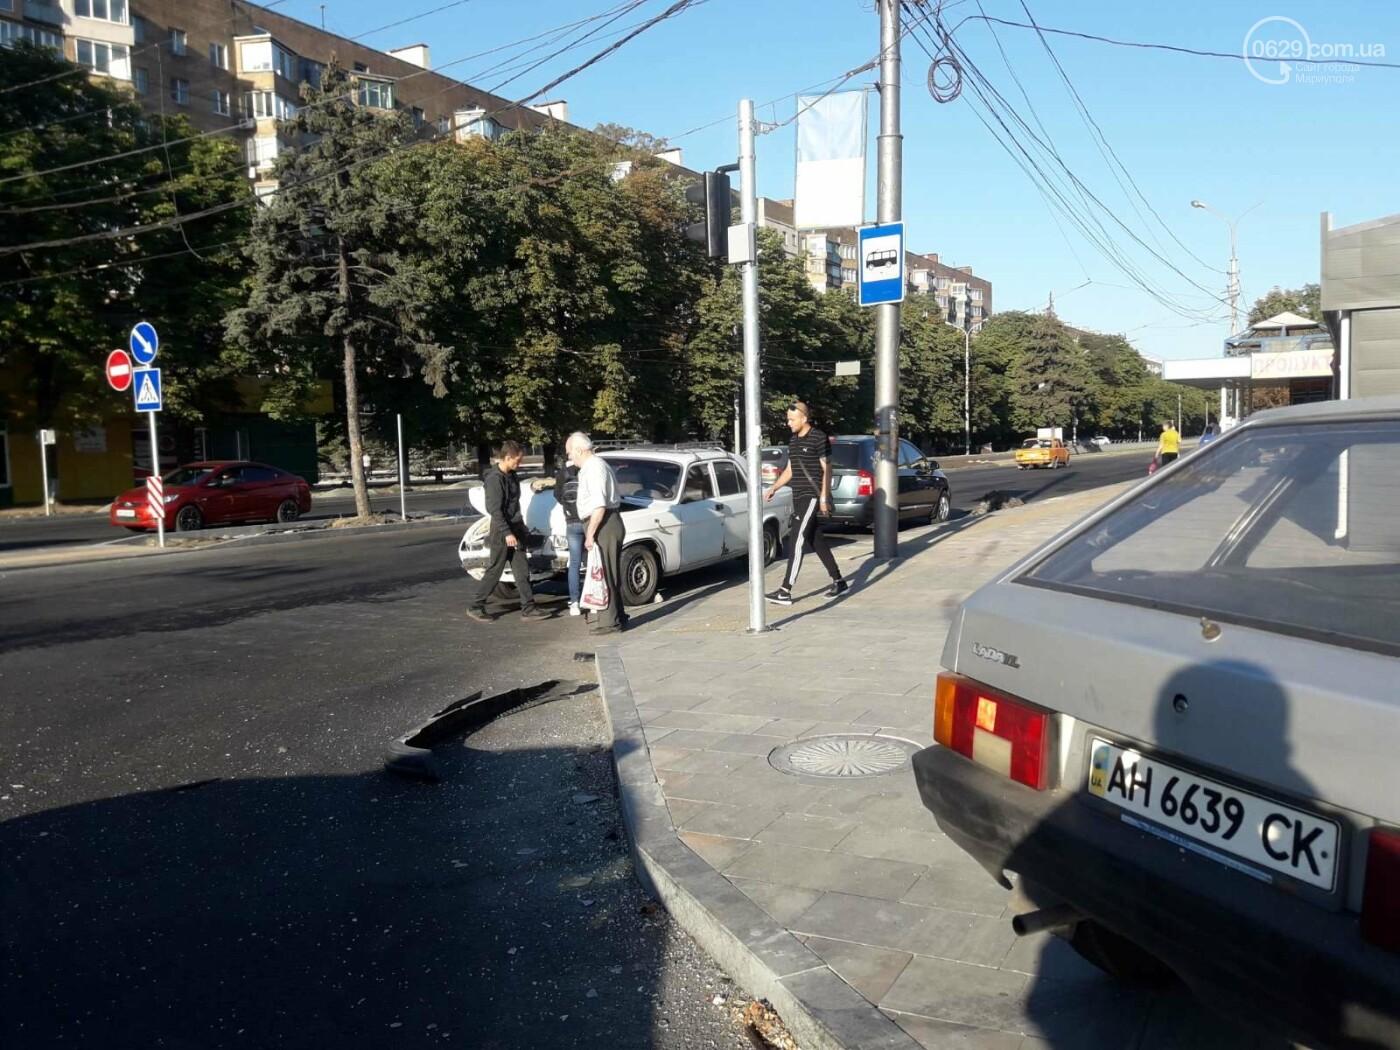 """В центре Мариуполя столкнулись 'Волга' и """"девятка"""". Есть пострадавшие, - ФОТО, фото-3"""